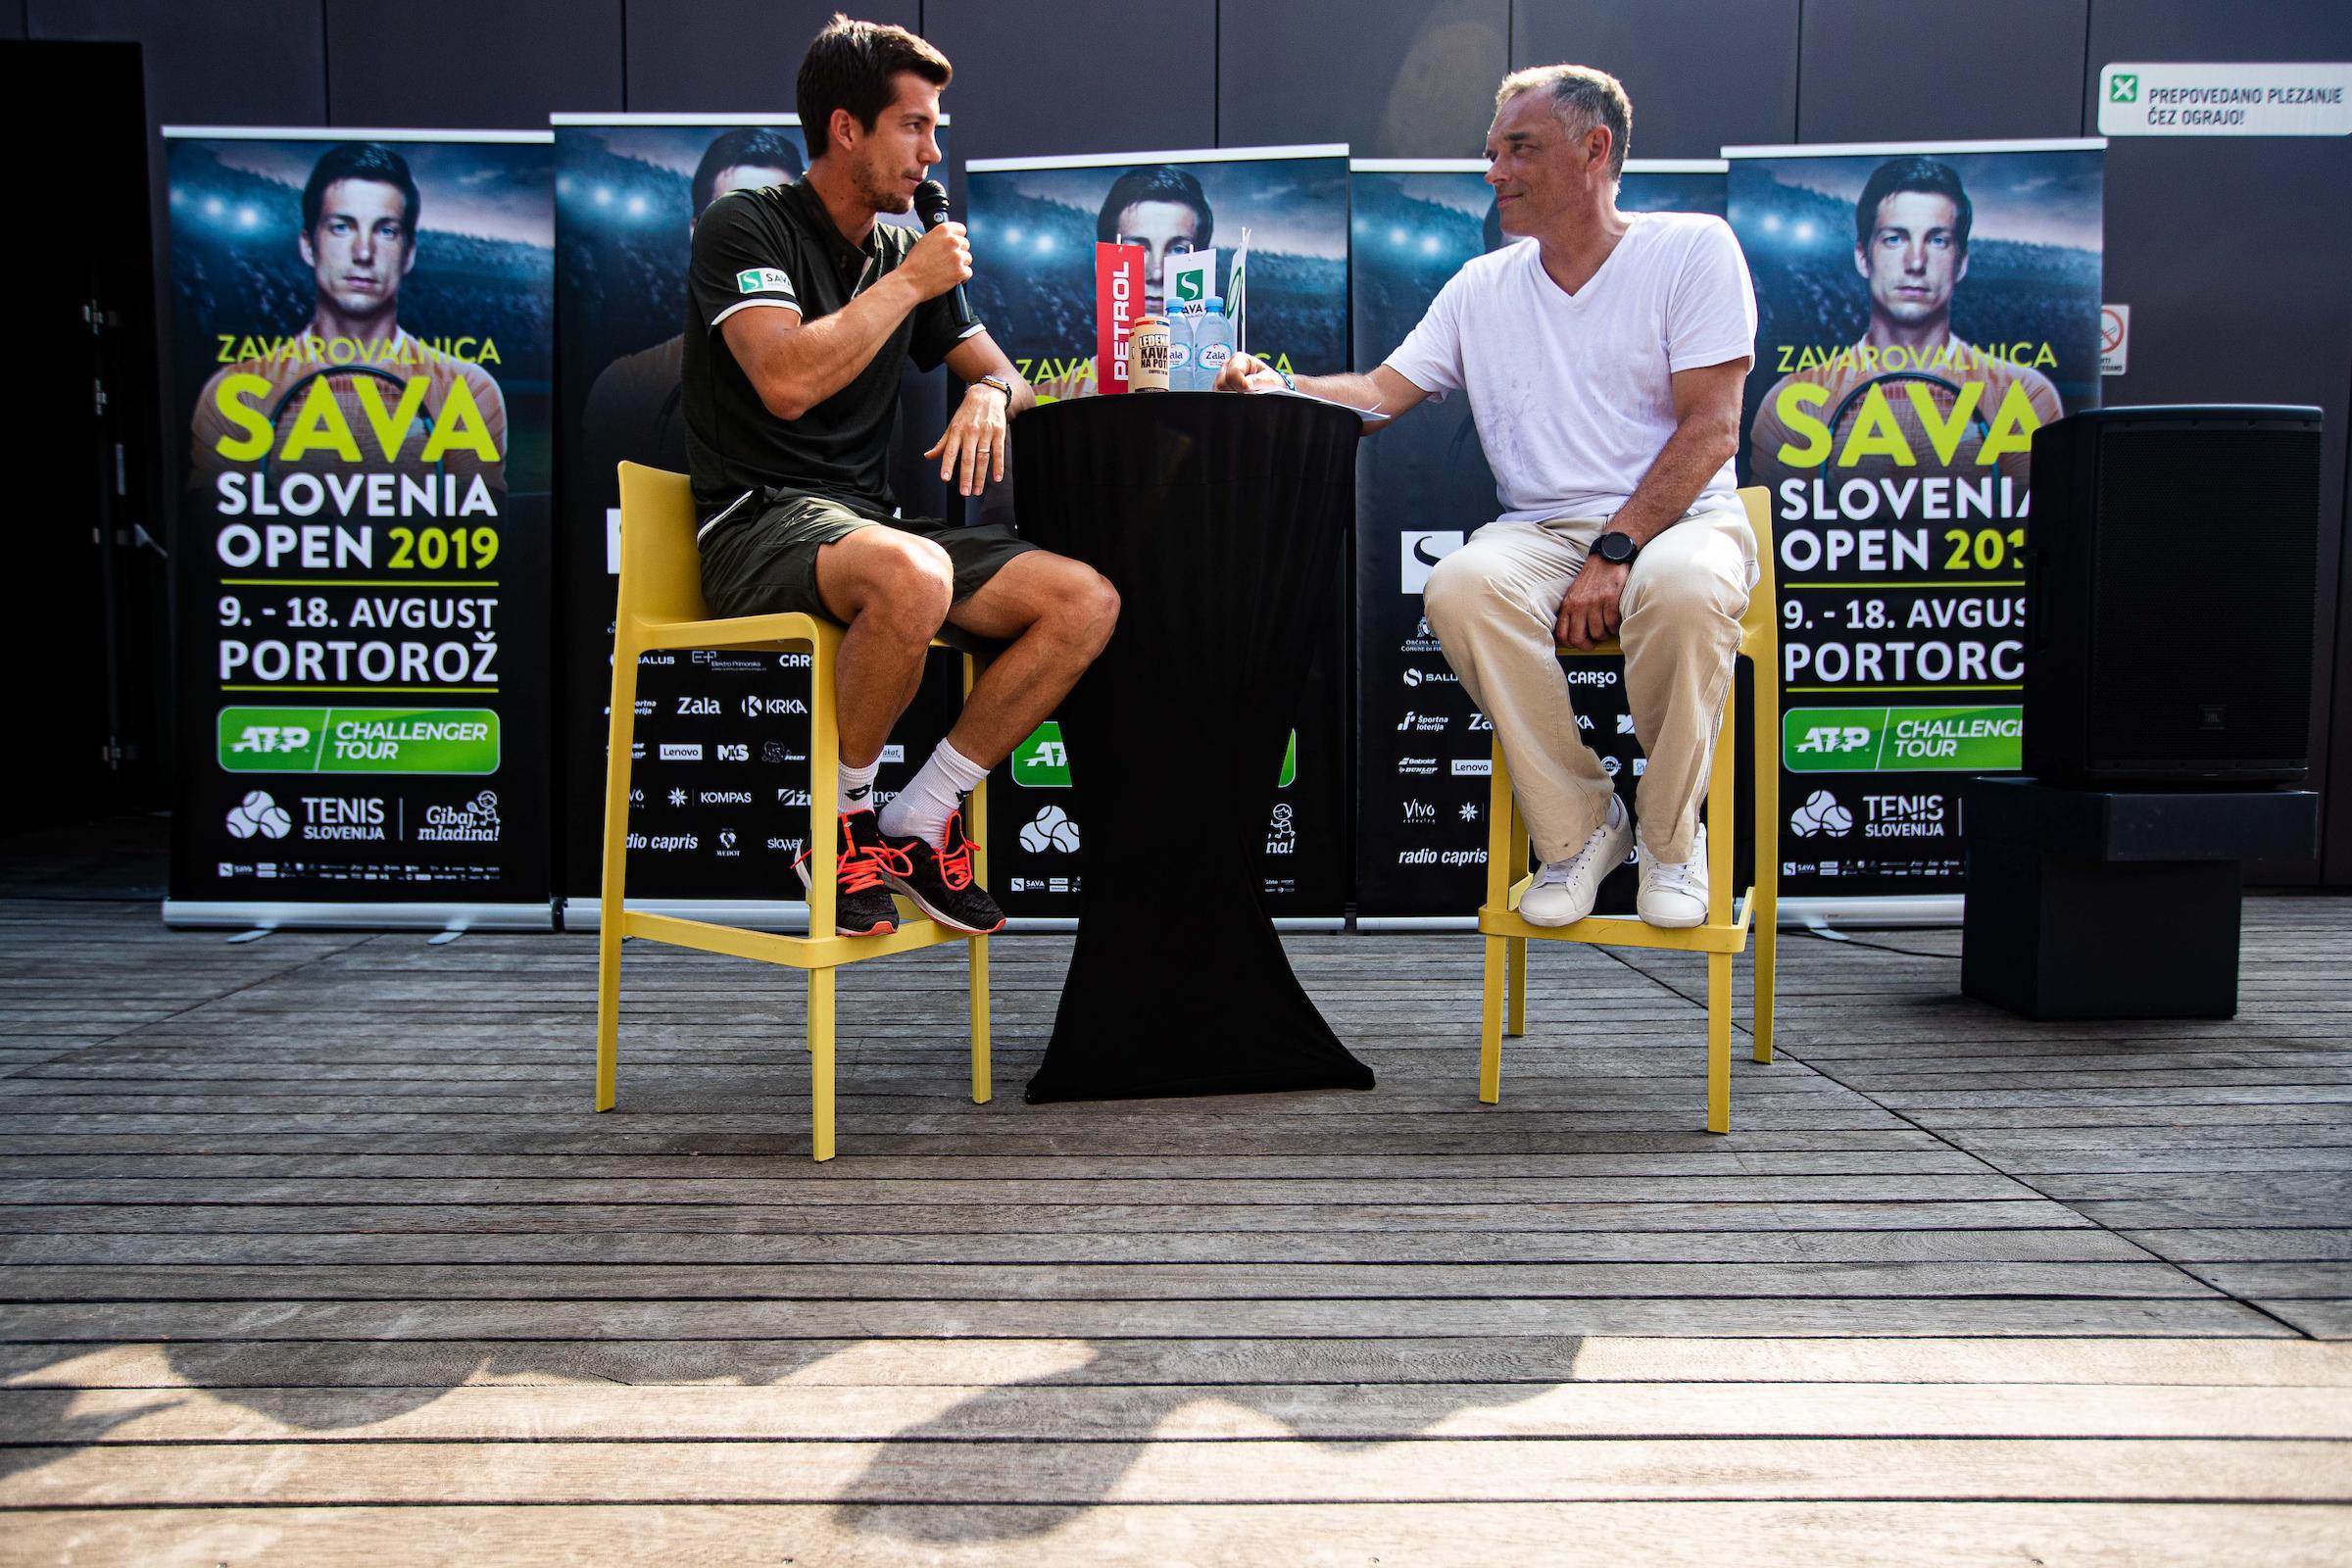 """Tenis TiskovnaKonferenca AljazBedene 0159 190725 GV - Bedene: """"Komaj čakam, da se turnir v Portorožu začne!"""""""